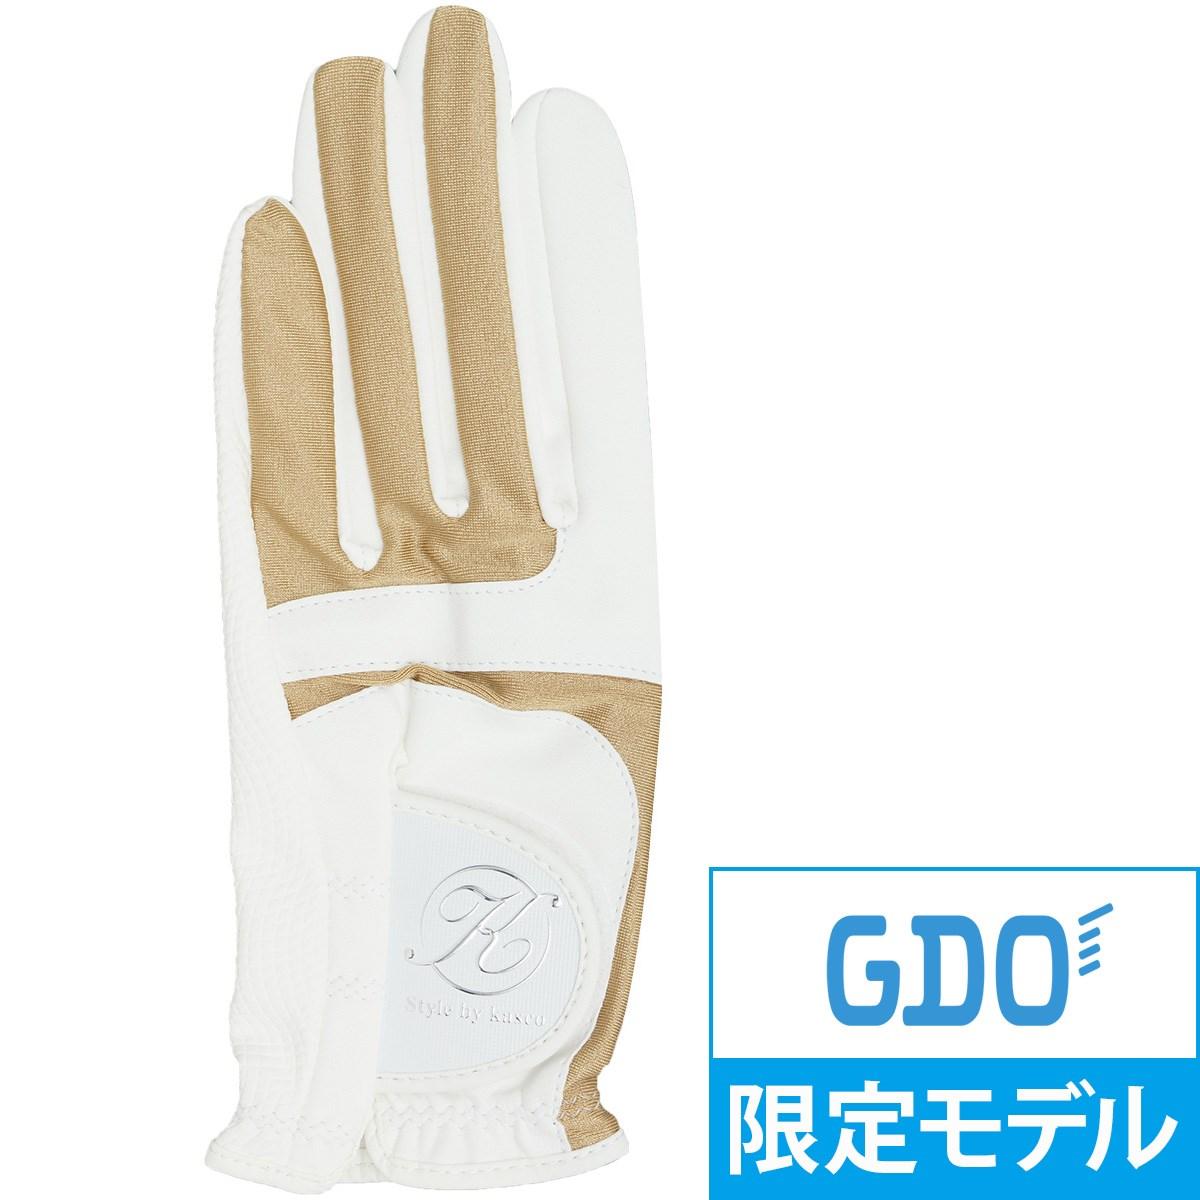 キャスコ KASCO GDO限定 オリジナルグローブ 21cm 左手着用(右利き用) ゴールド レディス